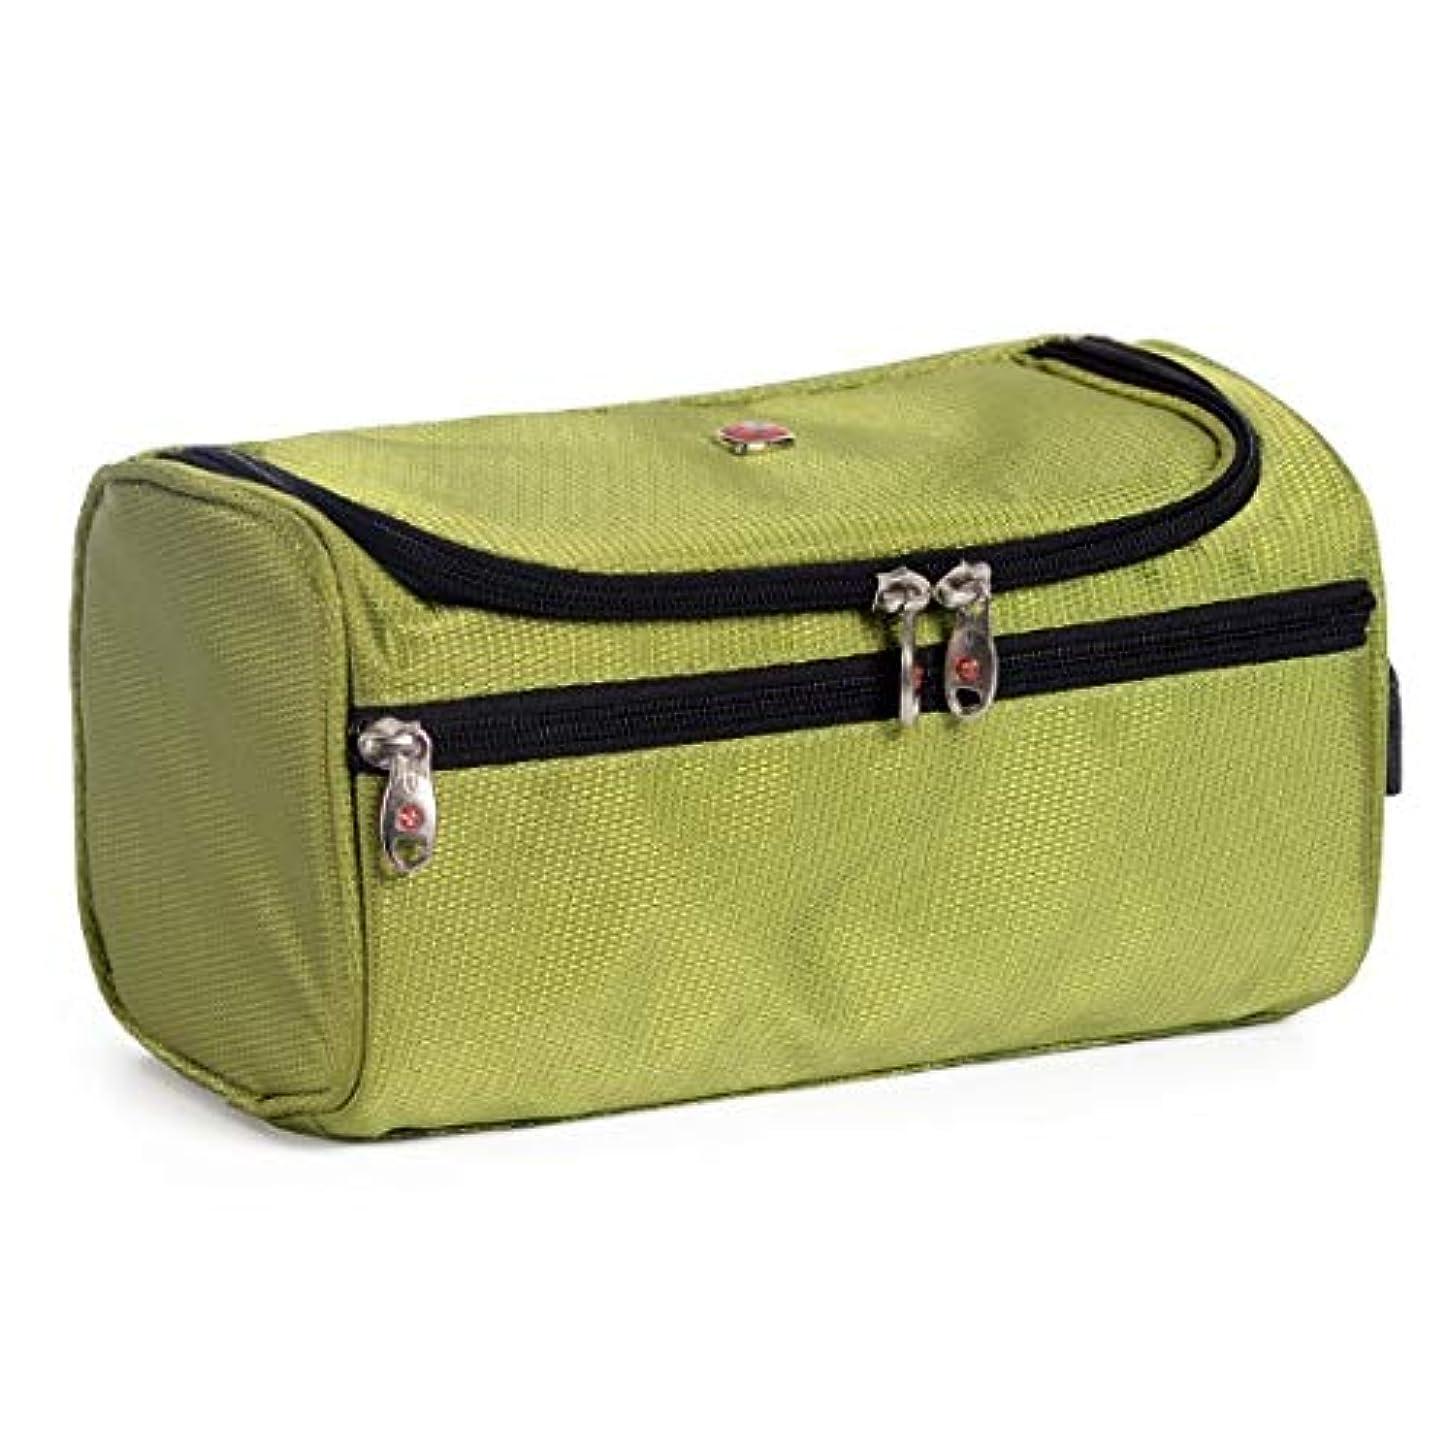 不正直スロベニア有害美容バッグ、ポータブルトラベルバッグキット、ポータブル収納オーガナイザー、メンズウォッシュバッグ (Color : グリンー)